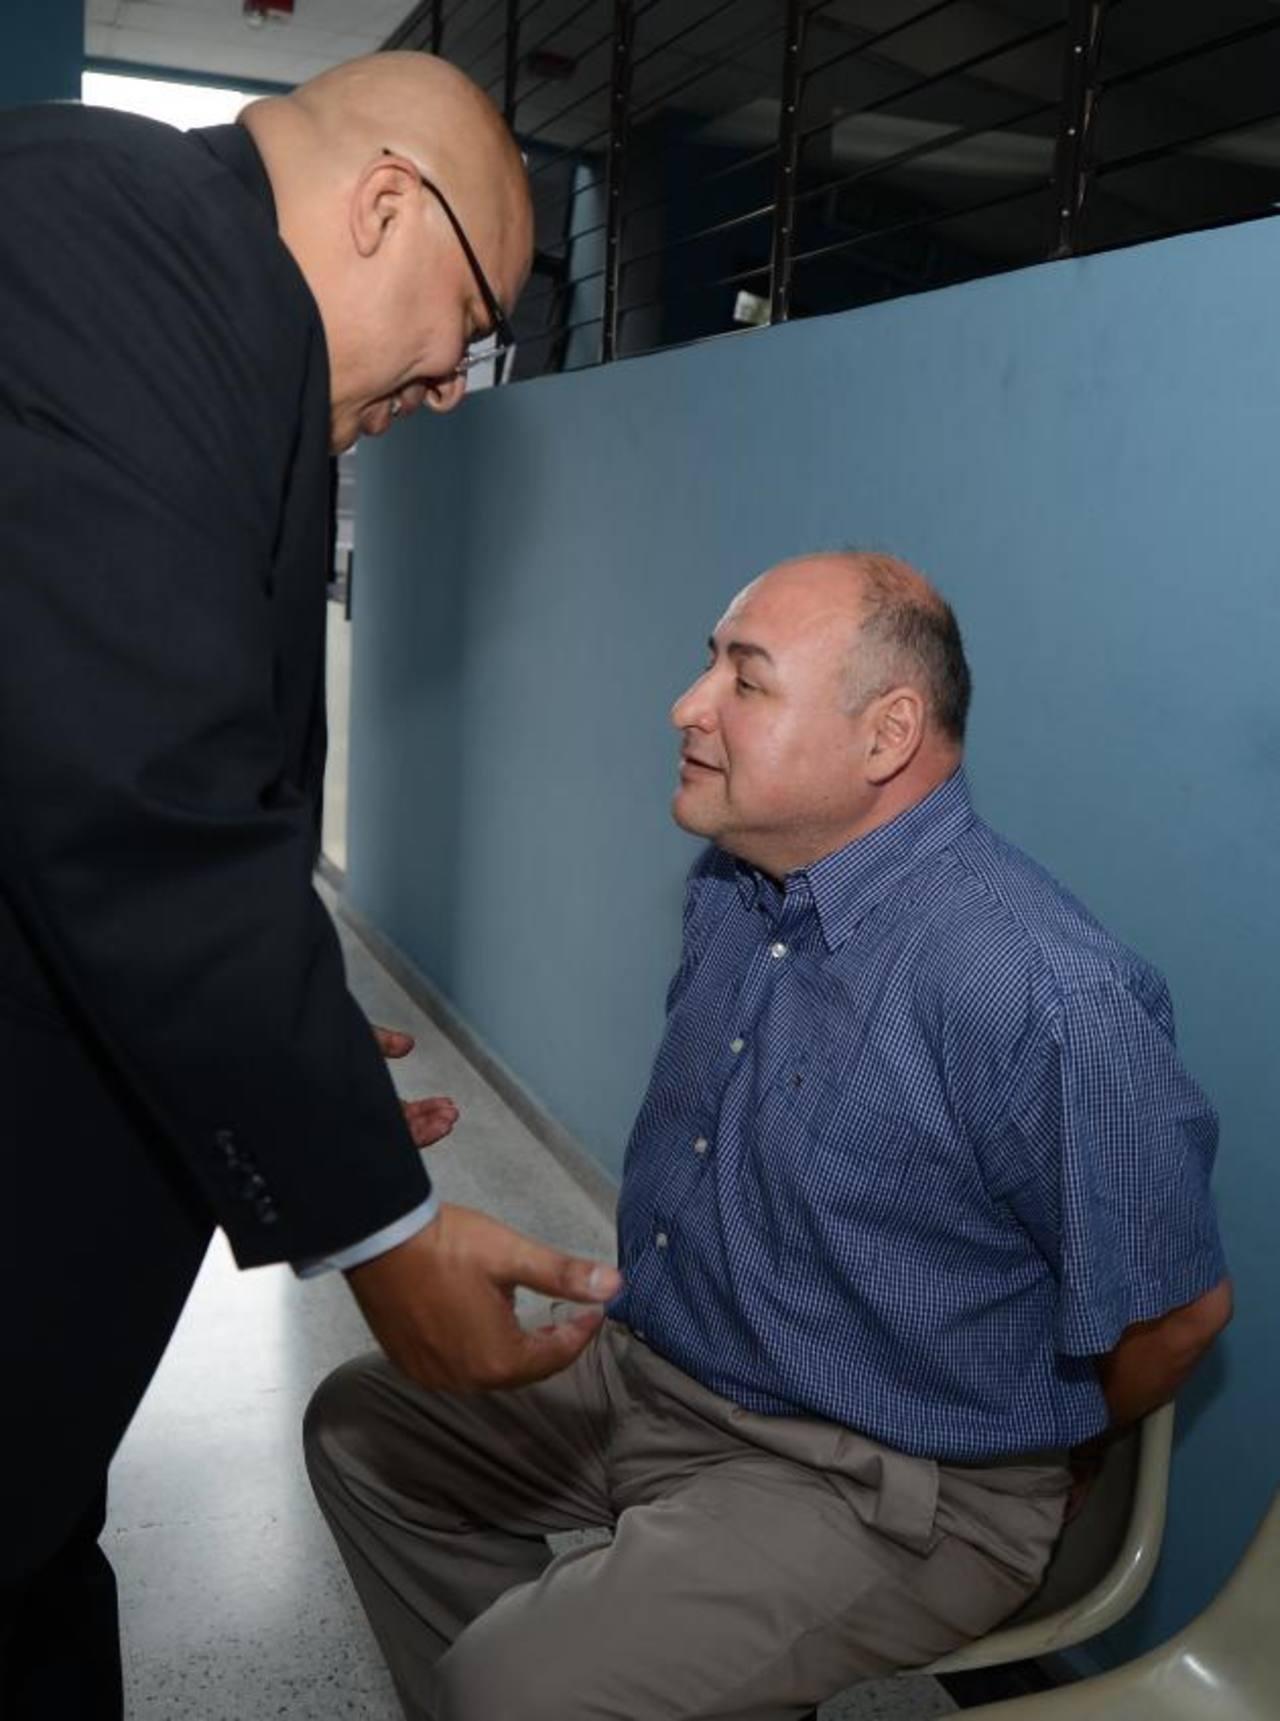 La nueva audiencia contra Manuel Gutiérrez es por portación ilegal de arma. EDH